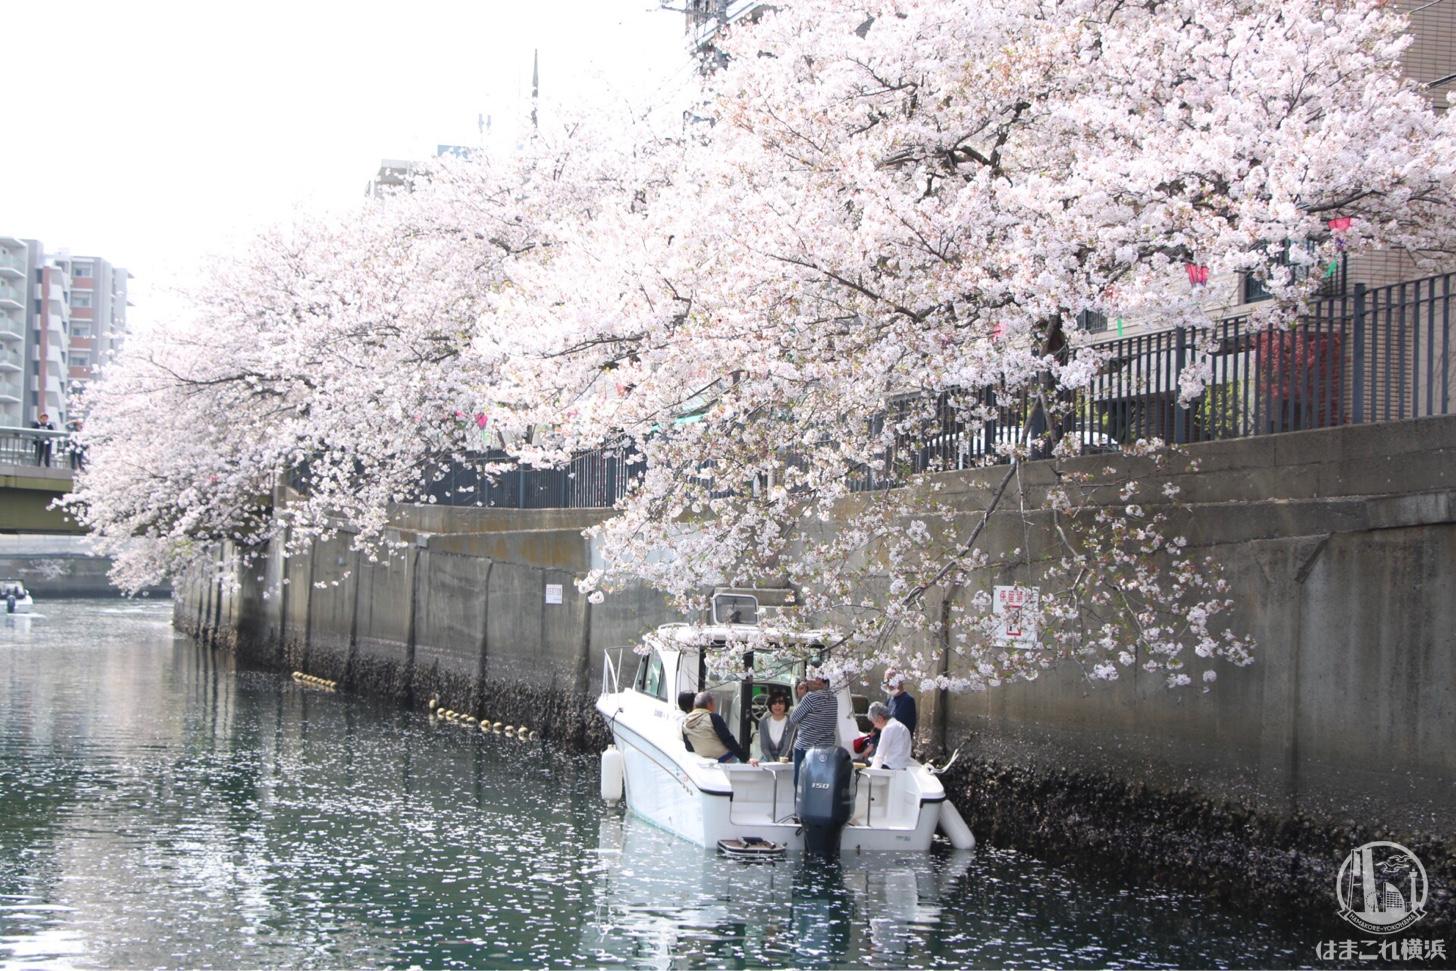 船の上でお花見を楽しむ人